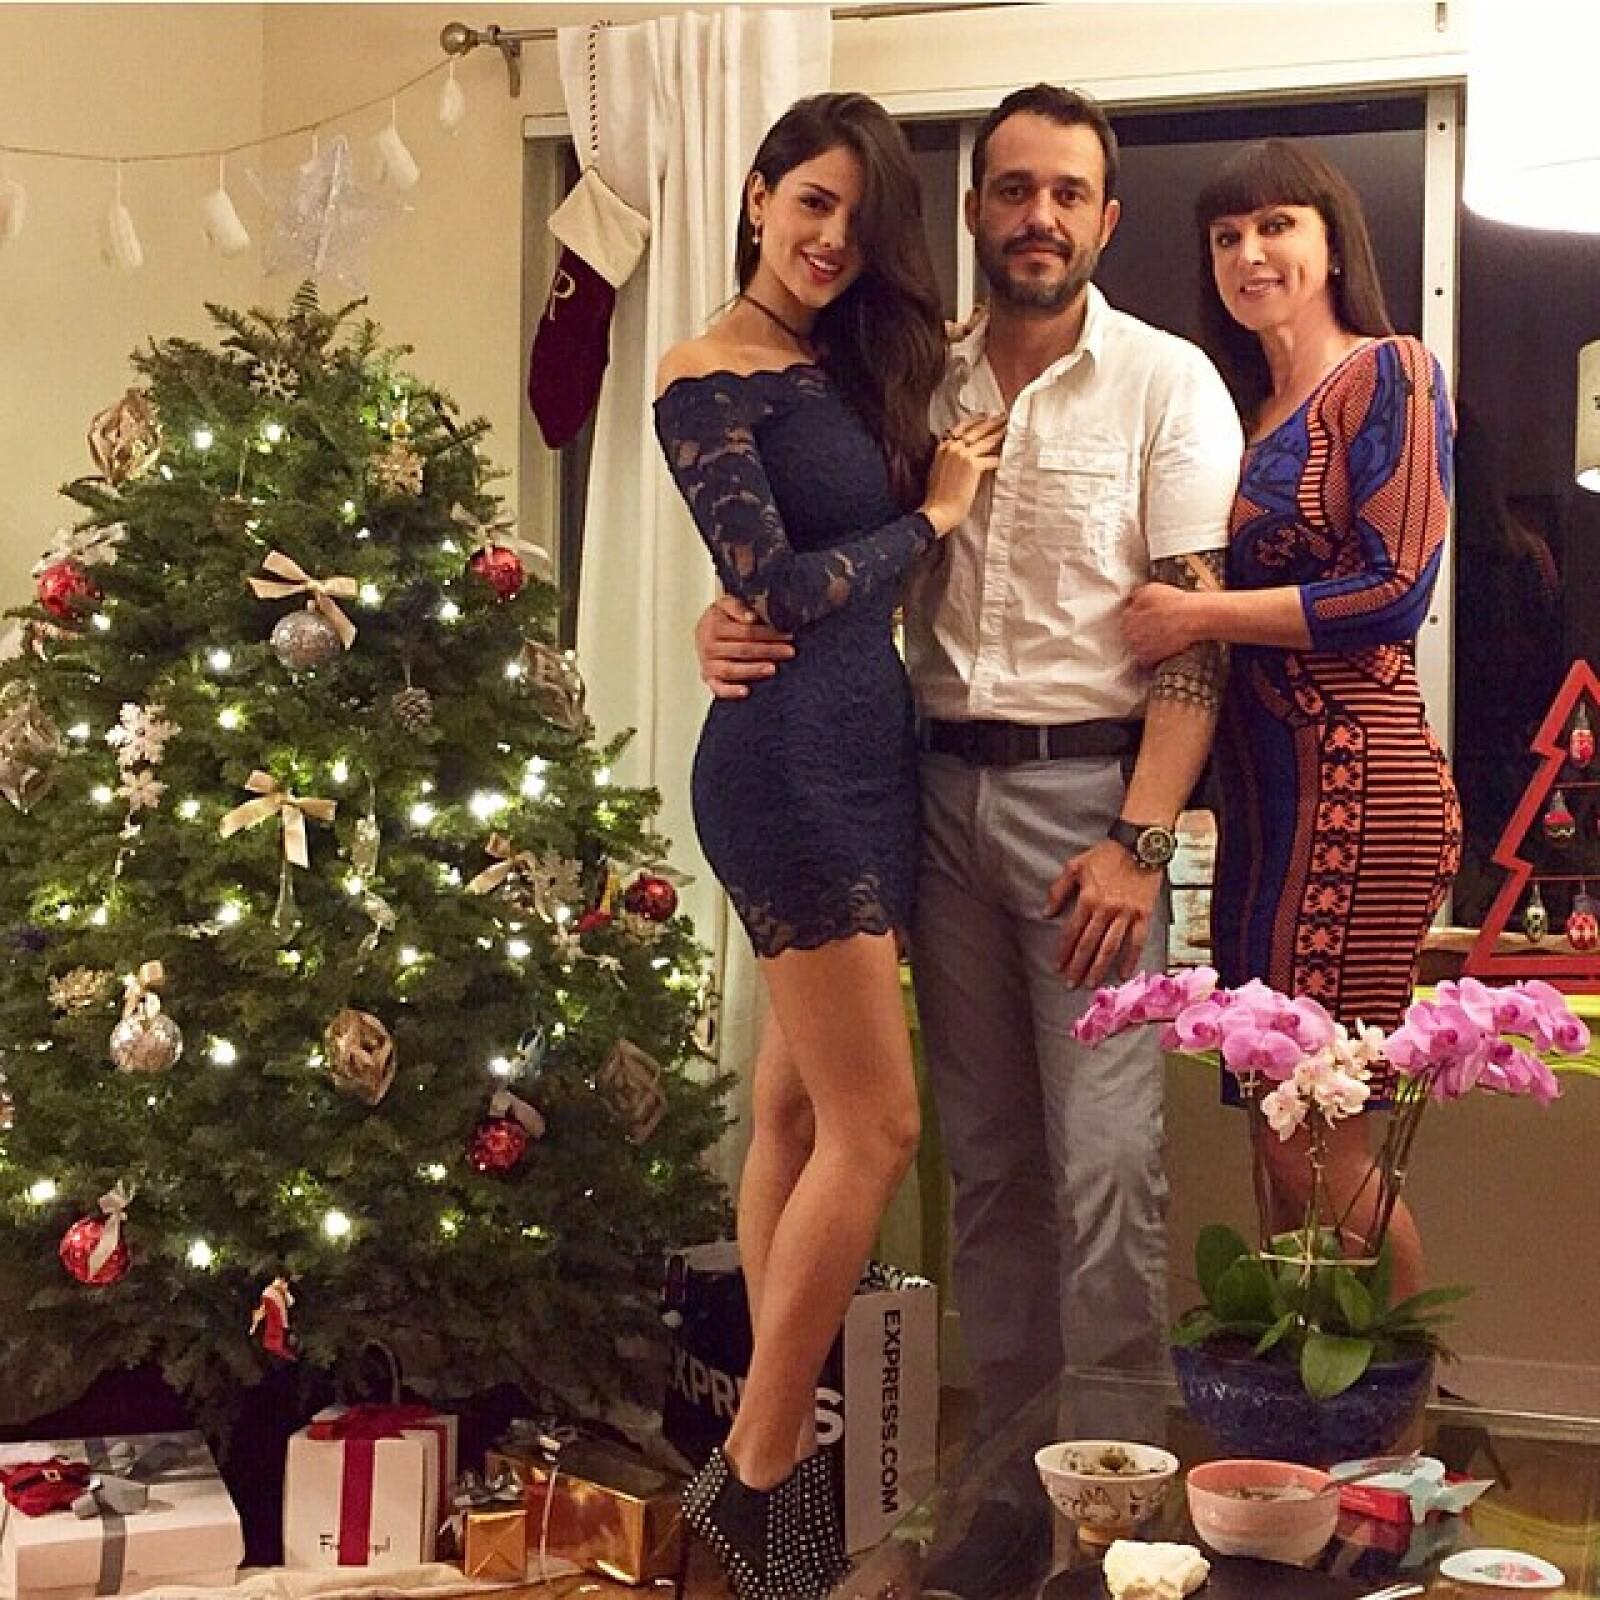 Eiza con su mamá y hermano, quienes viajaron a LA para pasar Navidad en familia.